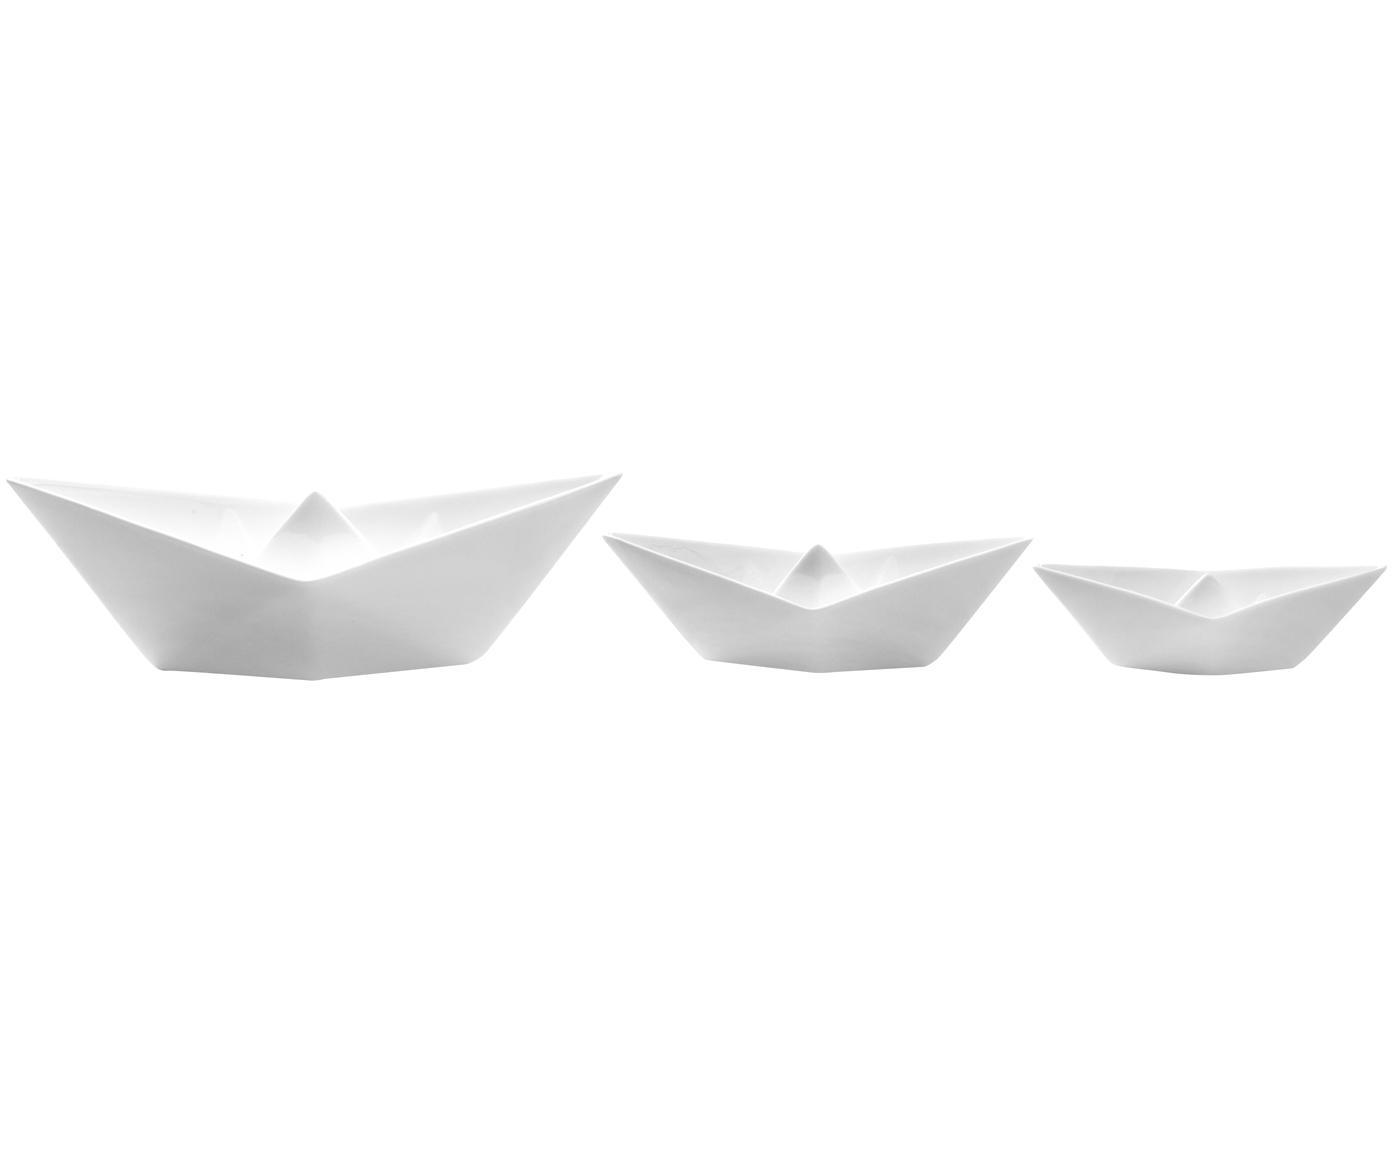 Komplet łódek dekoracyjnych My Boat, 3 elem., Porcelana, Biały, Różne rozmiary